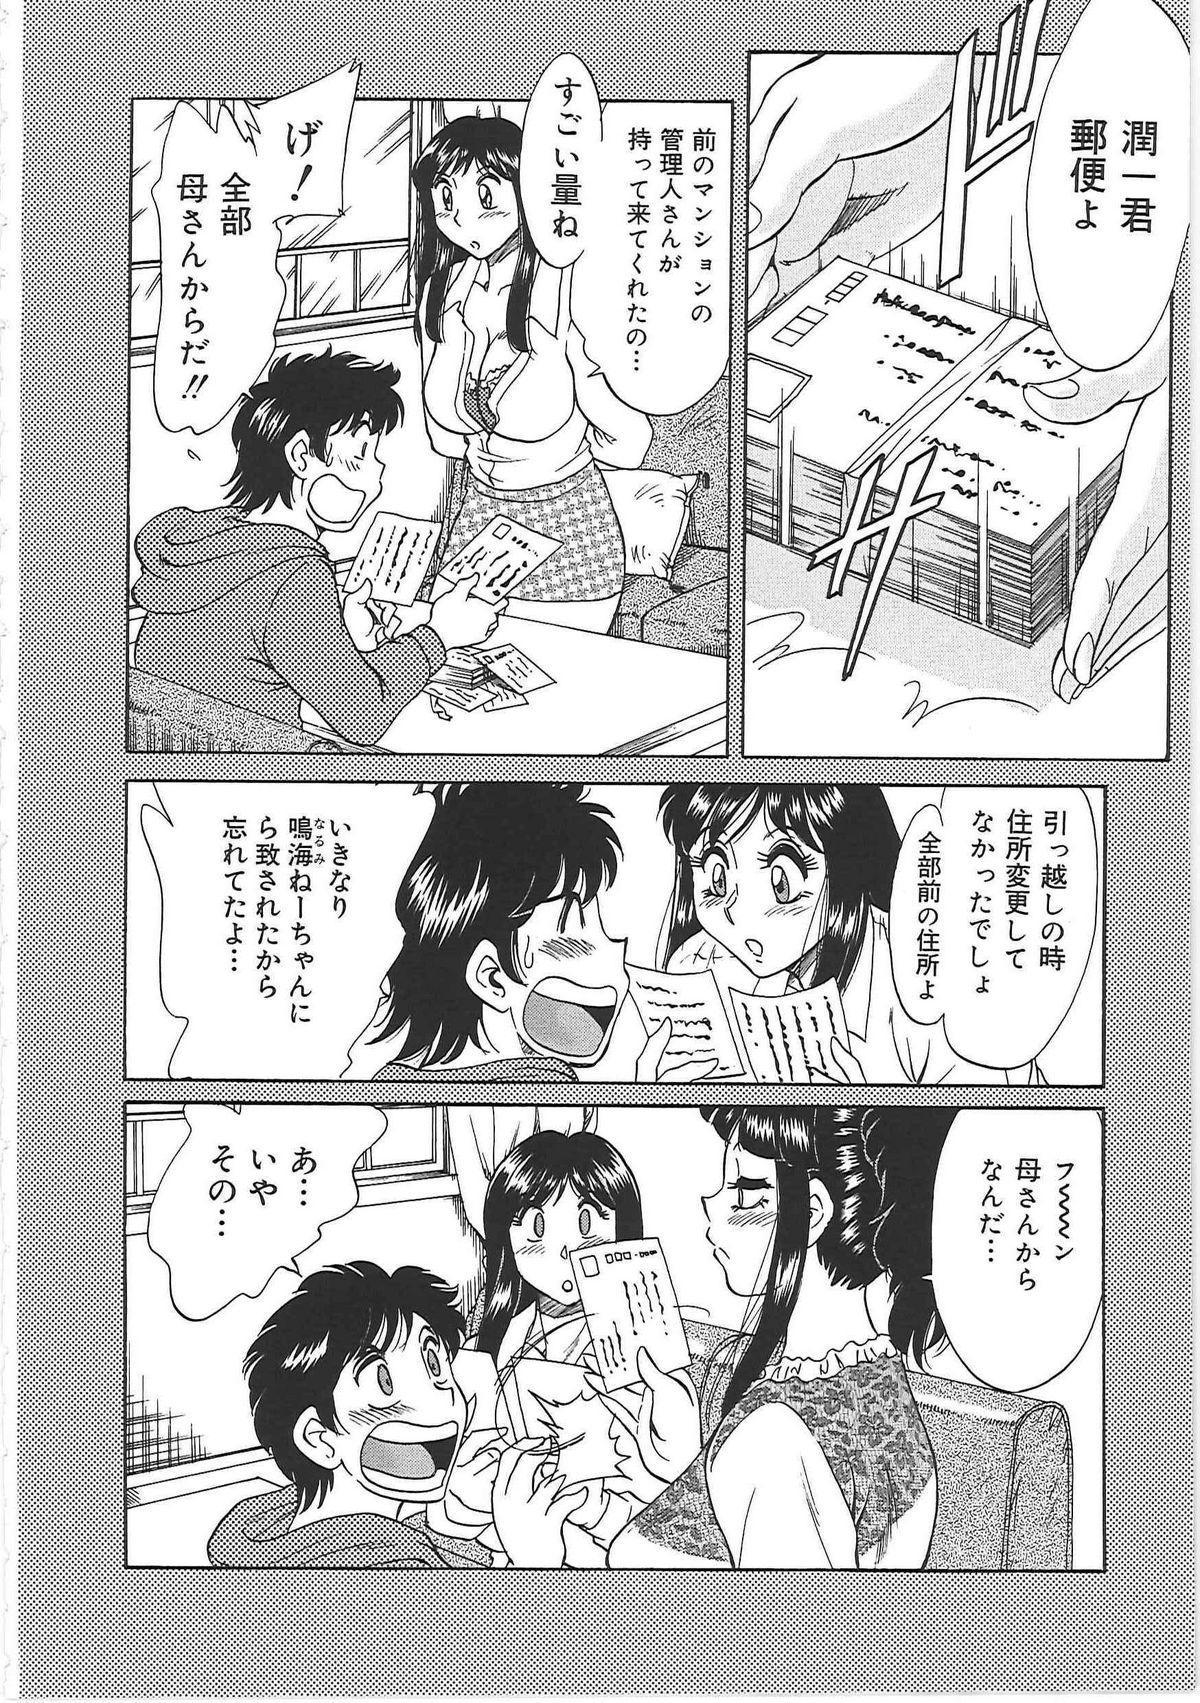 [Chanpon Miyabi] Cho-Onesan Tengoku 6 -Tenrakuhen- 17